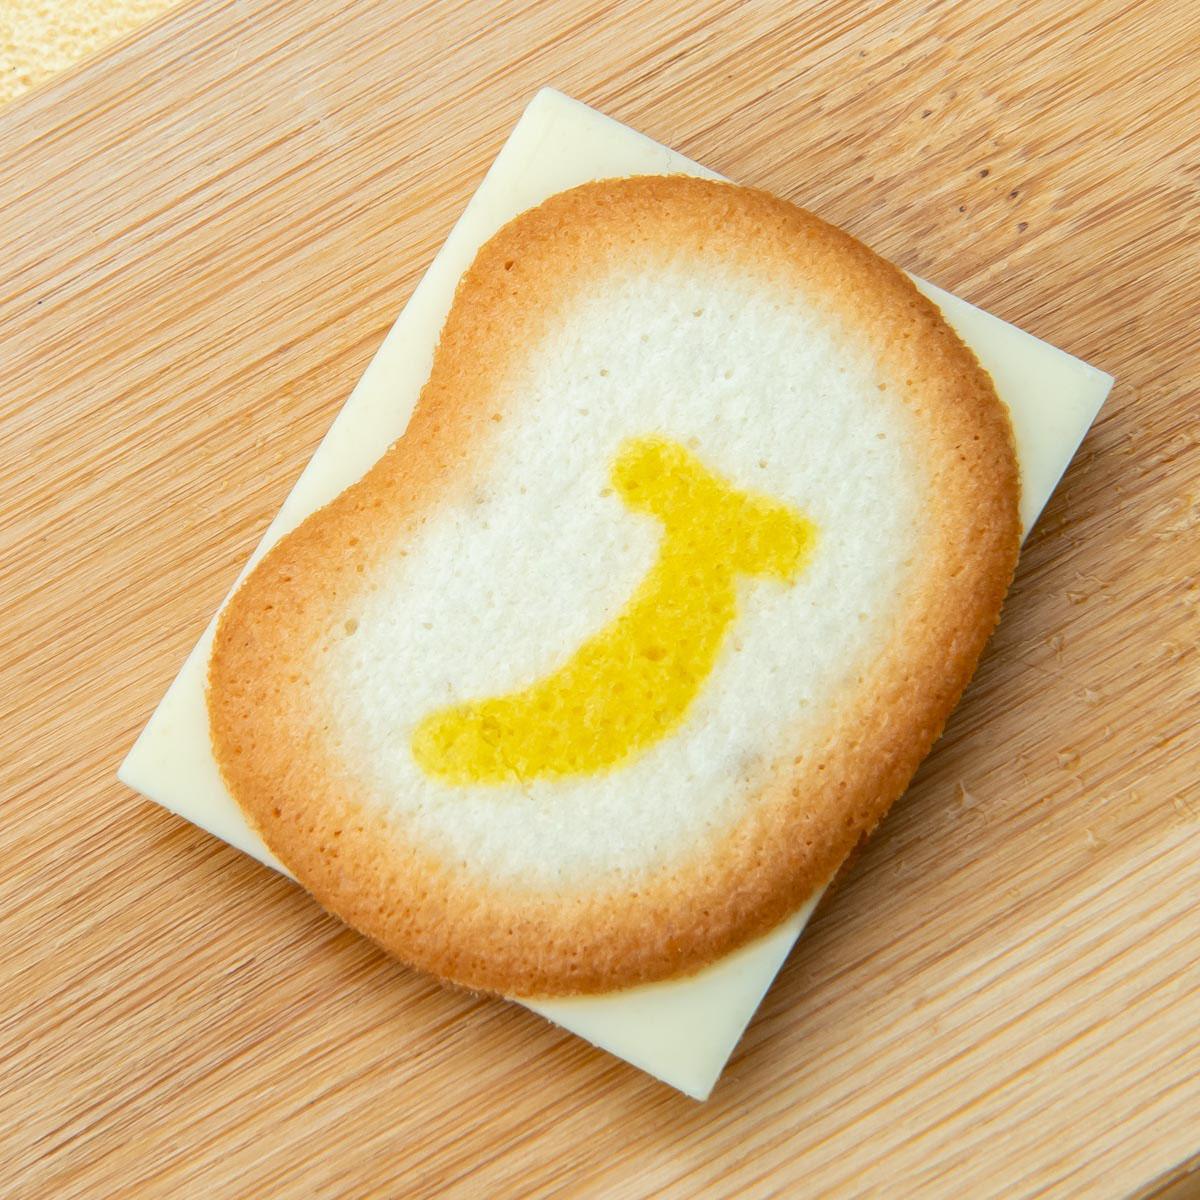 「東京ばな奈クッキーサンドしかも、チョコはみ出してる 写真